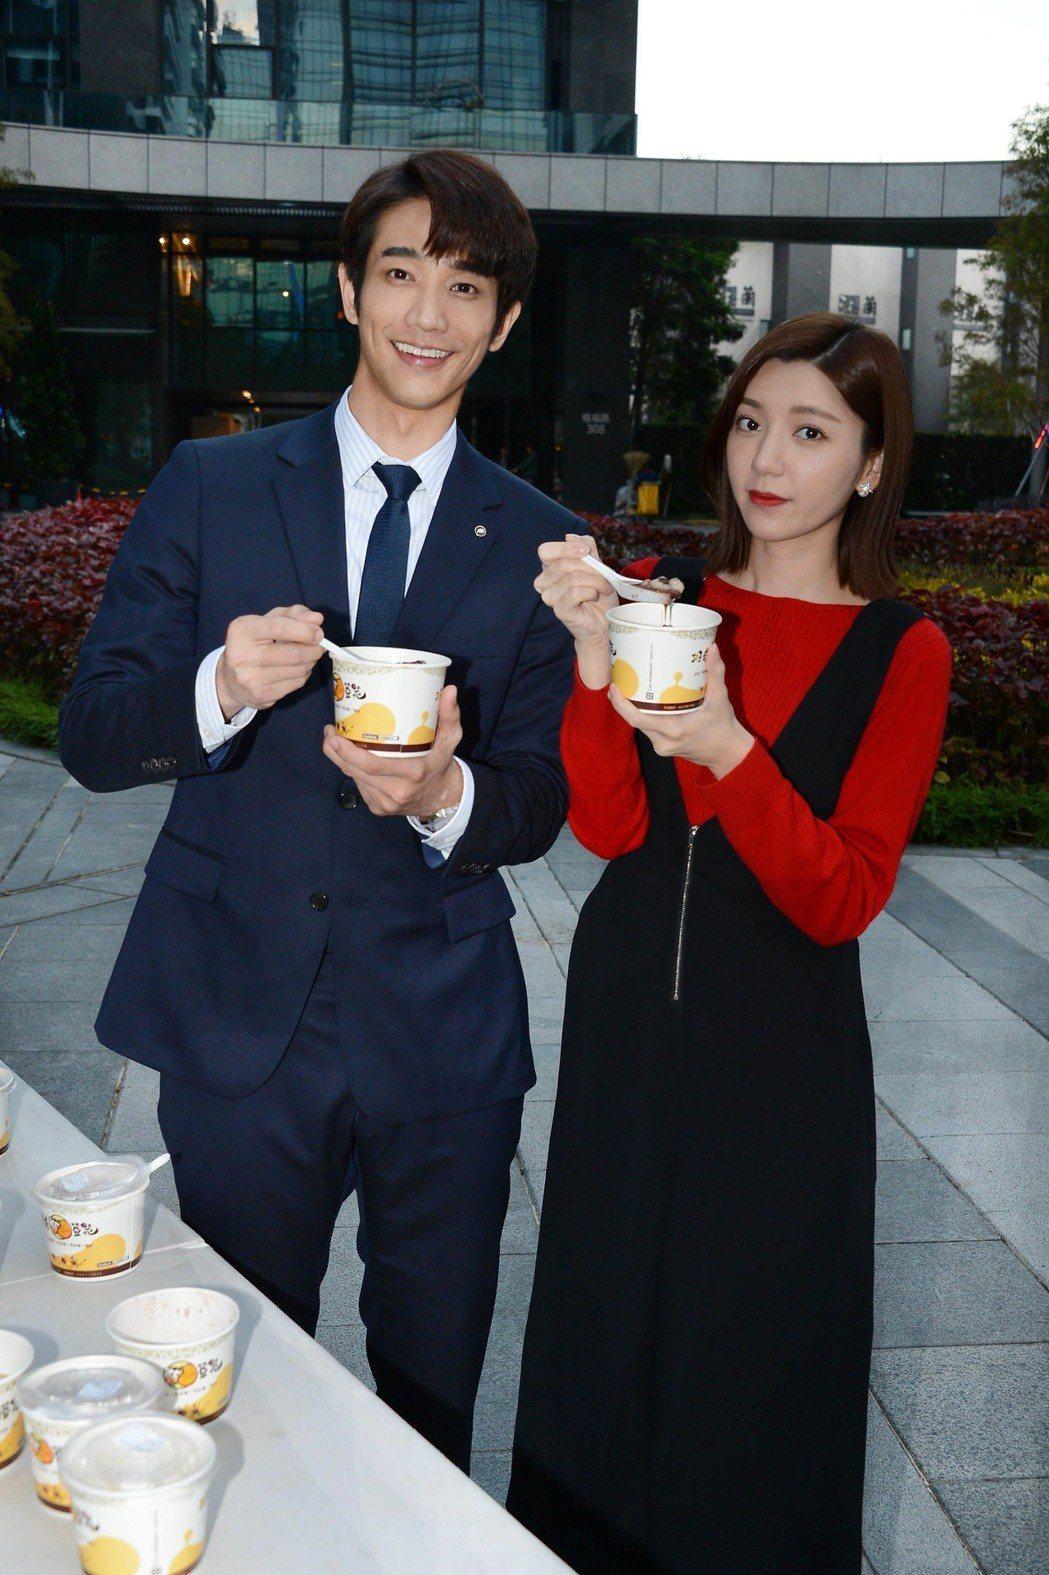 劉以豪(左)、郭雪芙拍新戲「我們不能是朋友」過冬至,2 人互餵吃湯圓。圖/八大提...